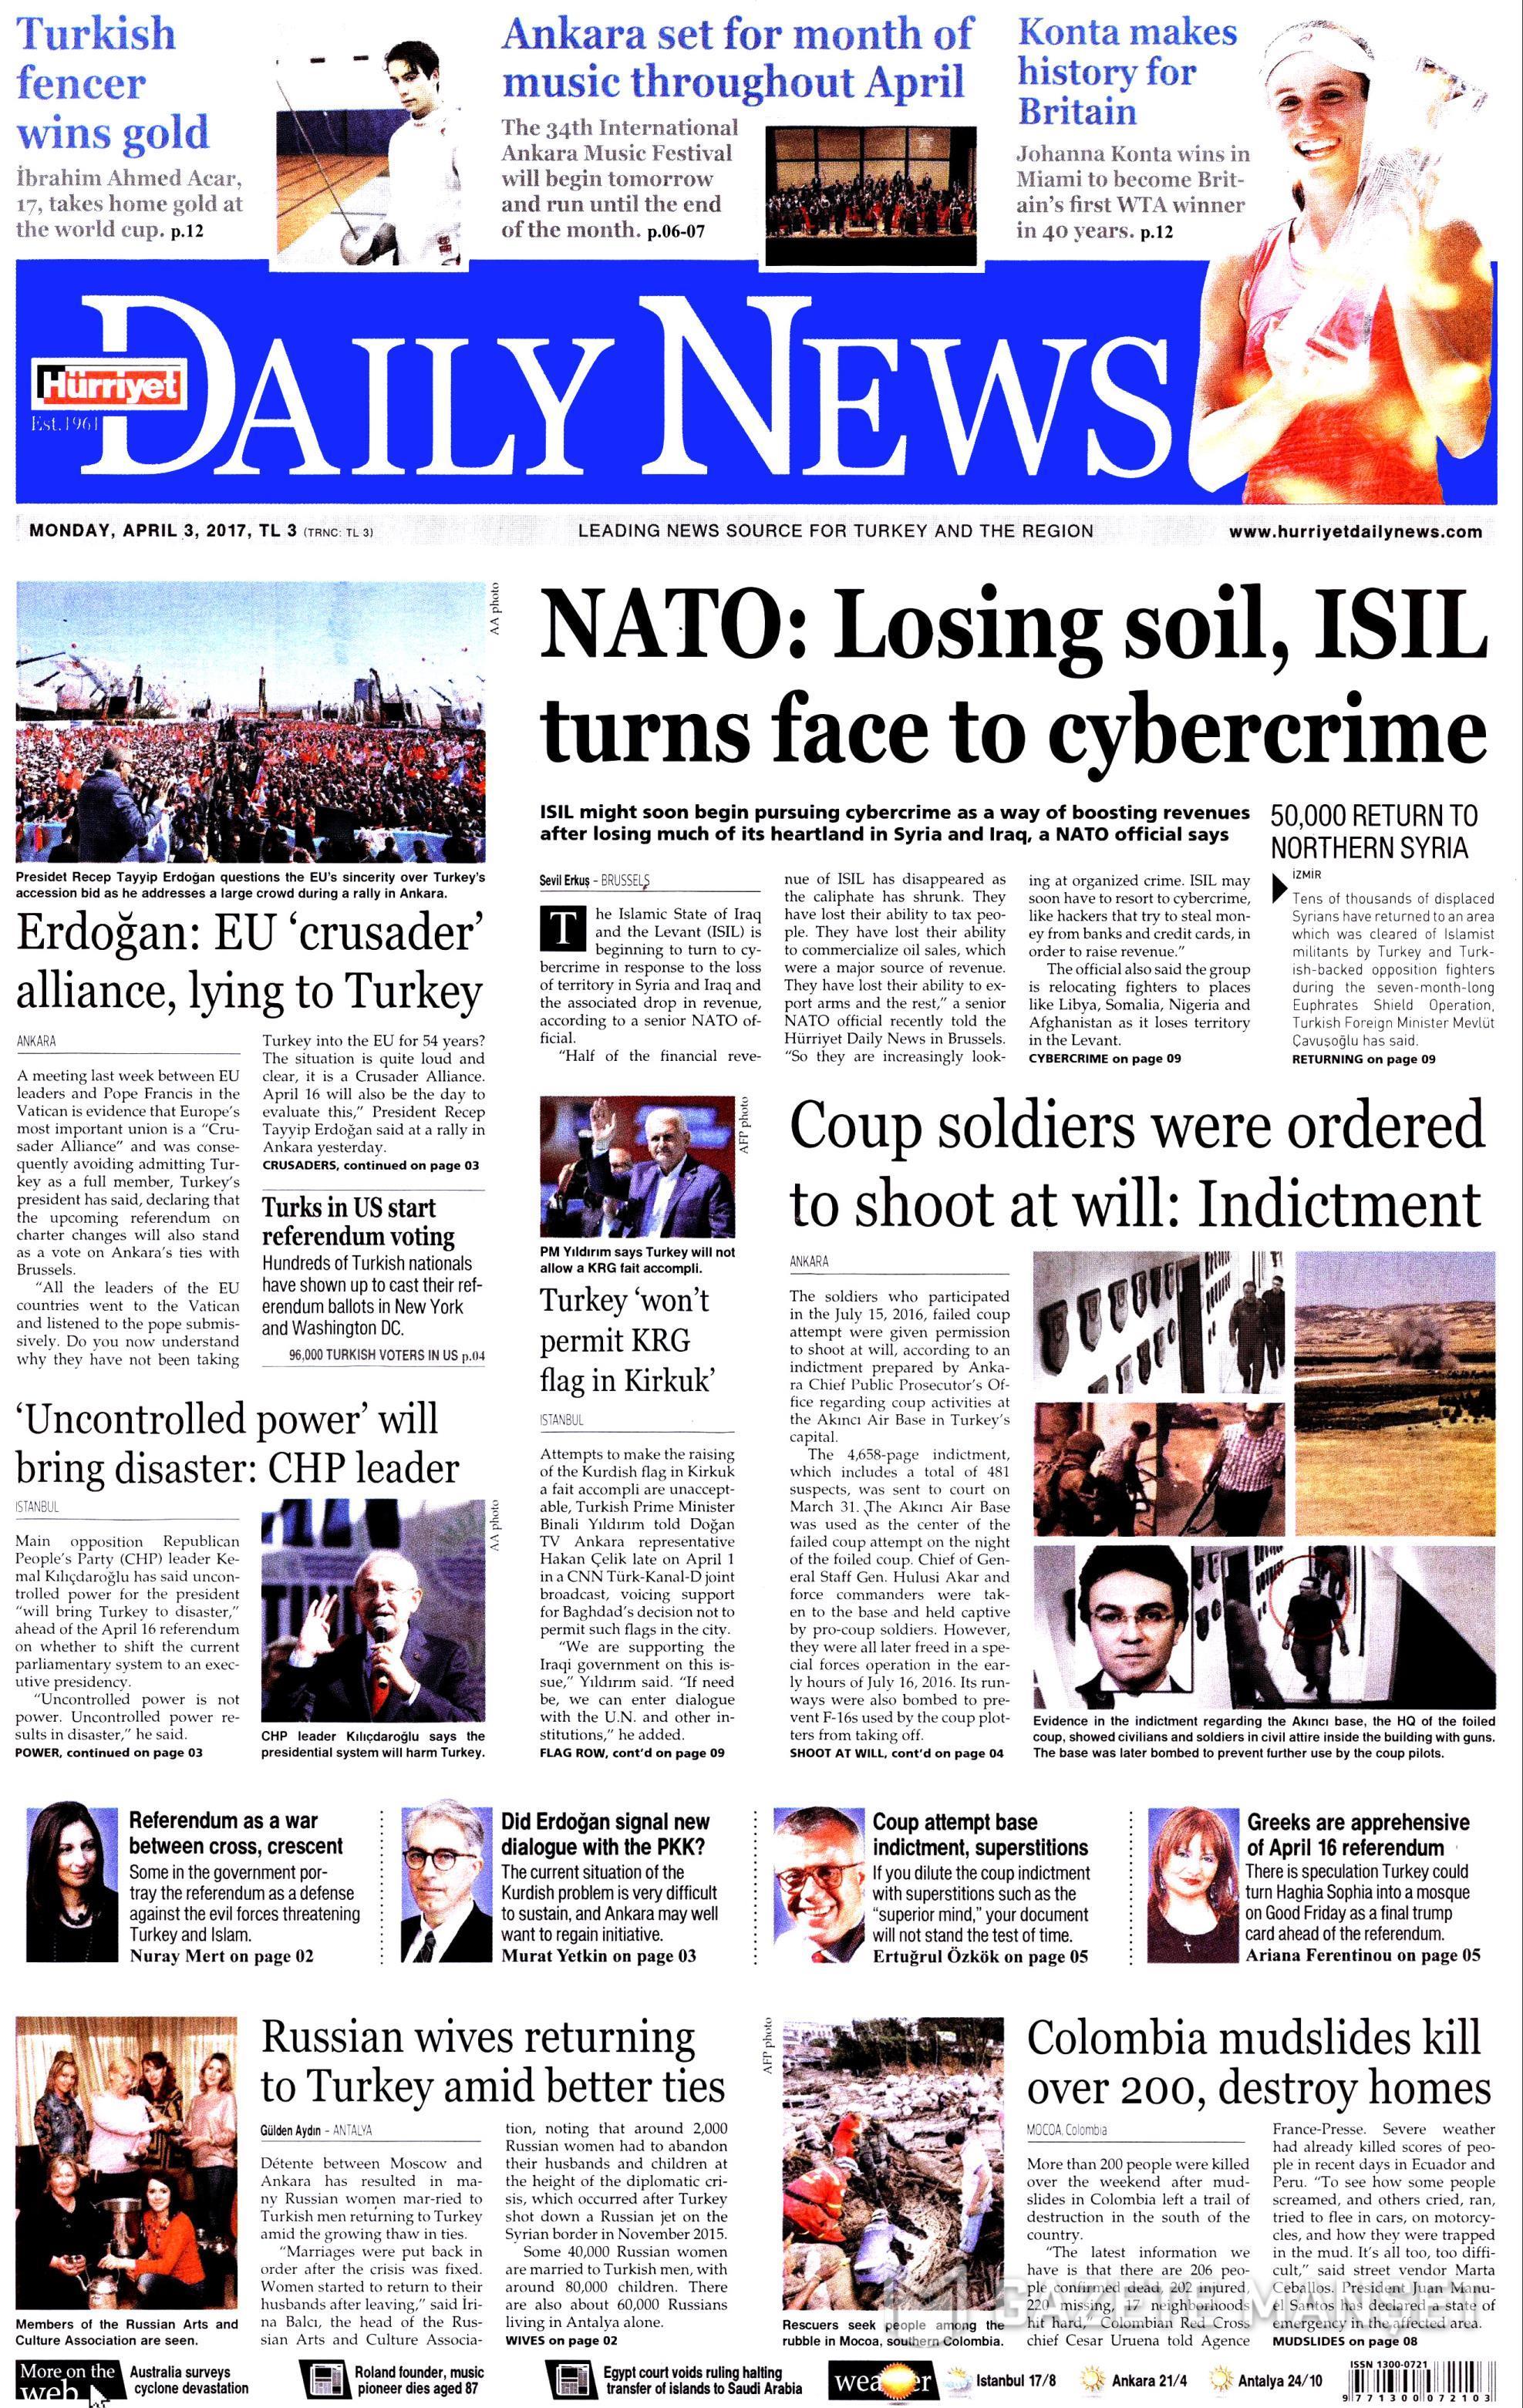 Hurriyet daily news - 07/12/2015 gazete başlıkları - t24